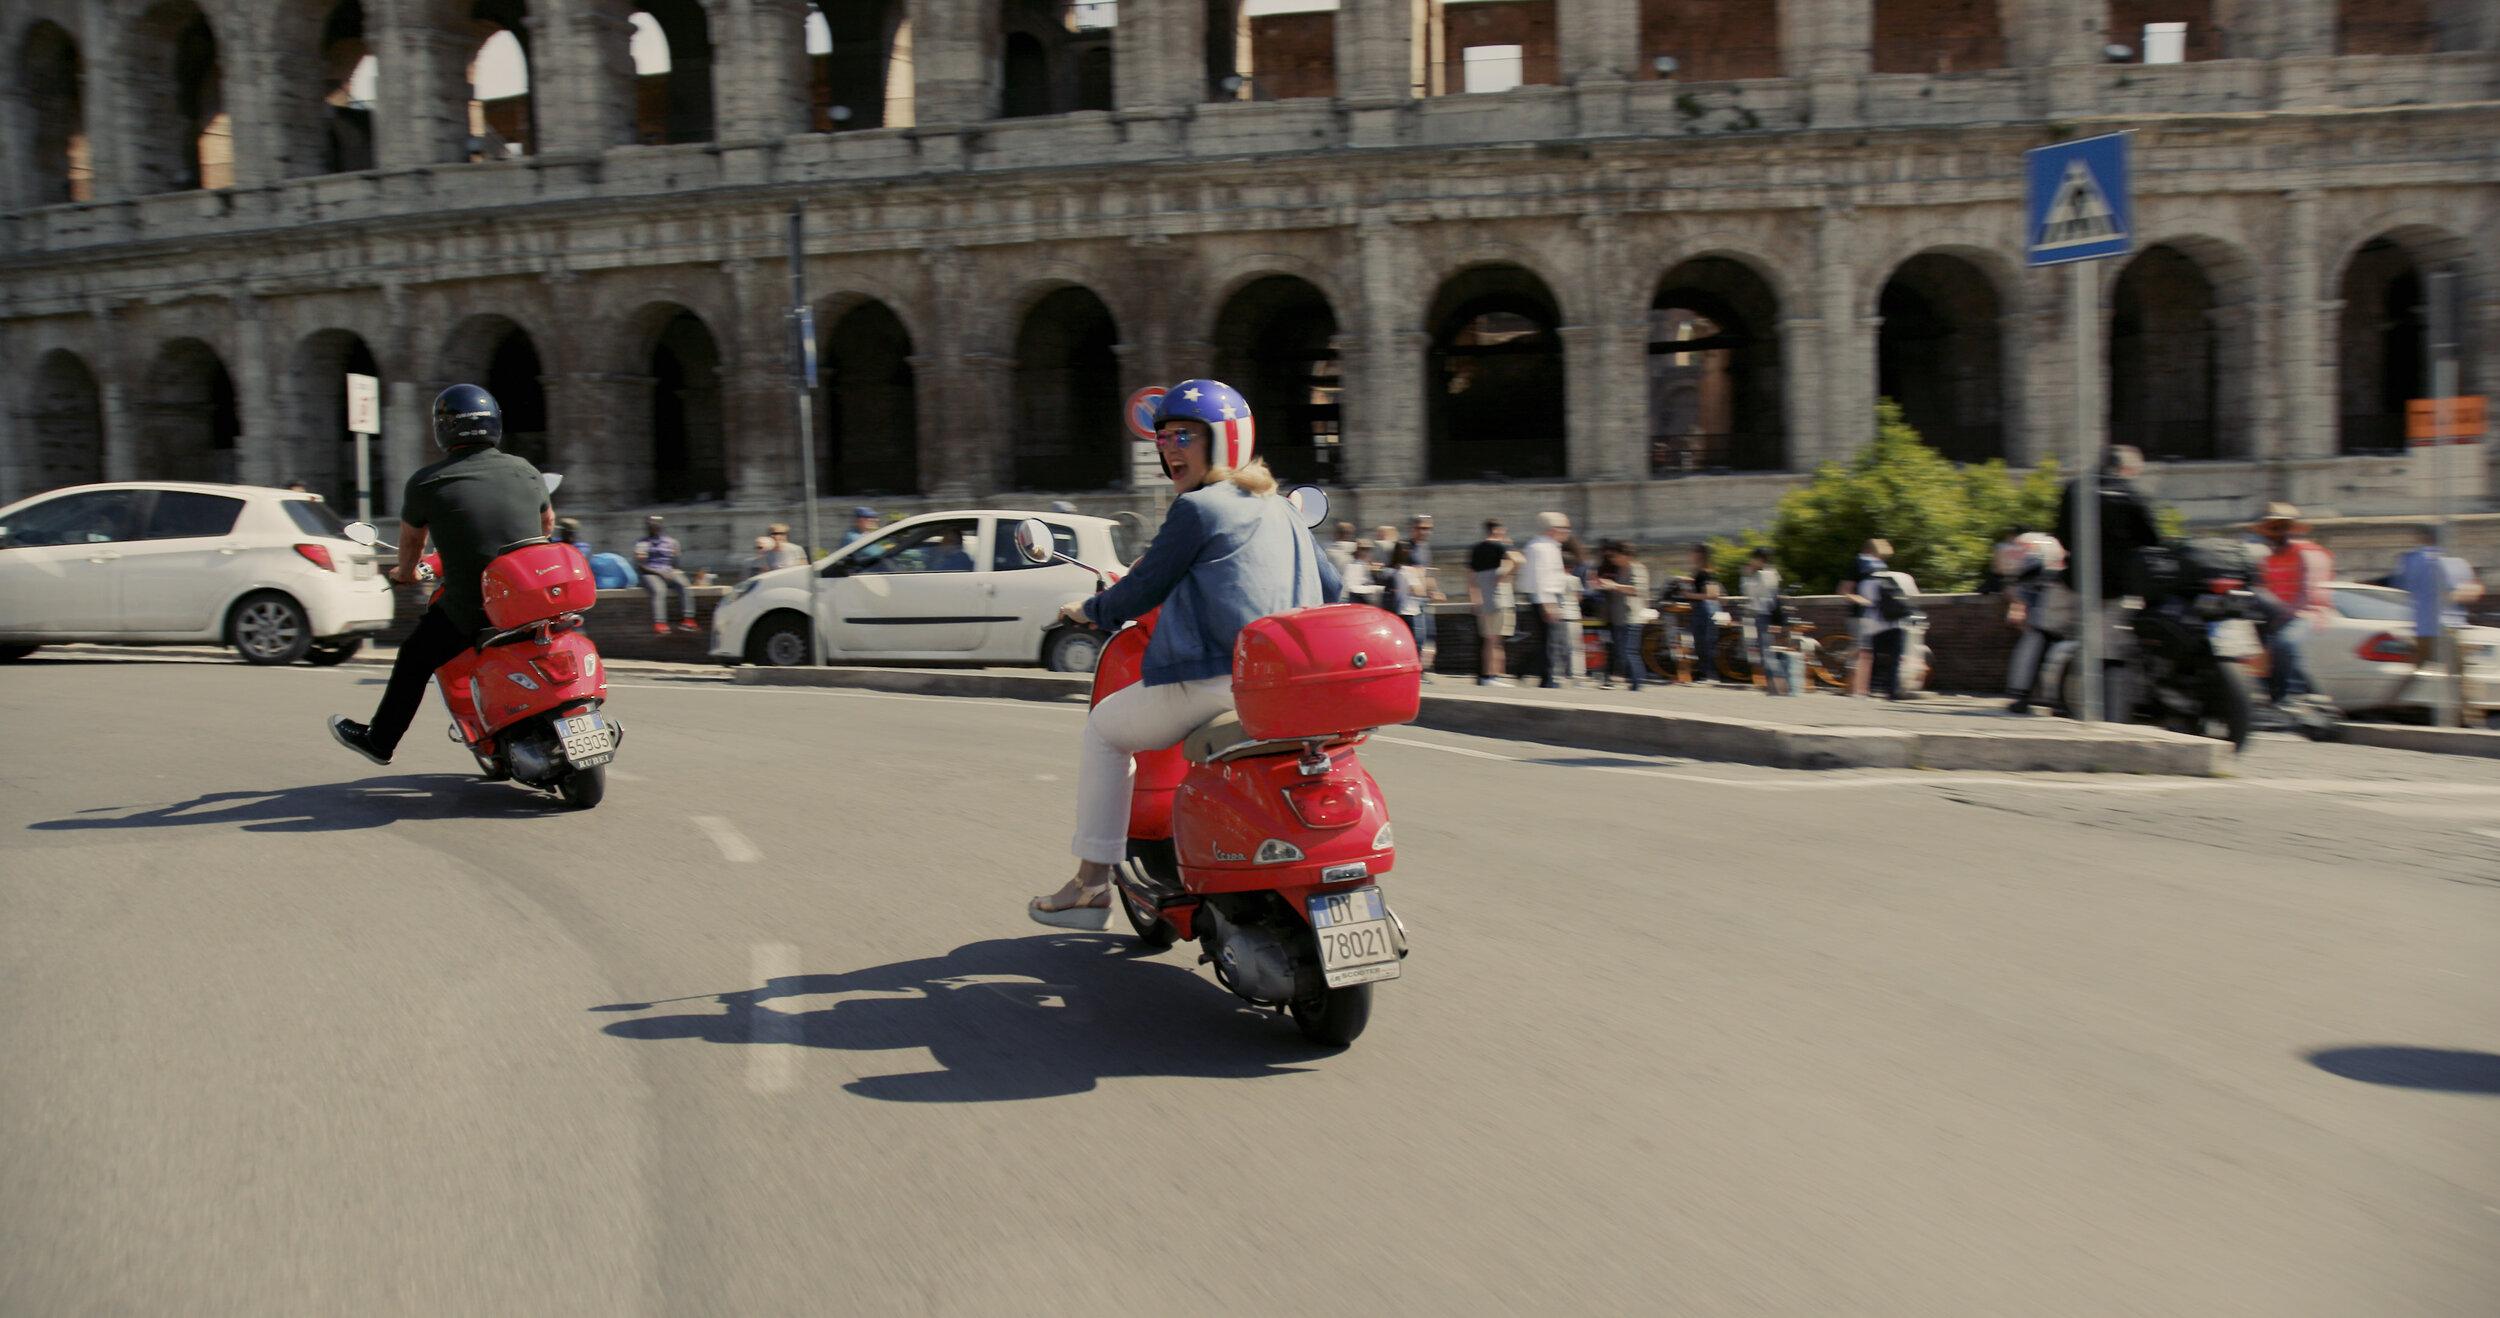 JJ_Italy_Draft10_FinalChanges.00_00_27_19.Still027.jpg